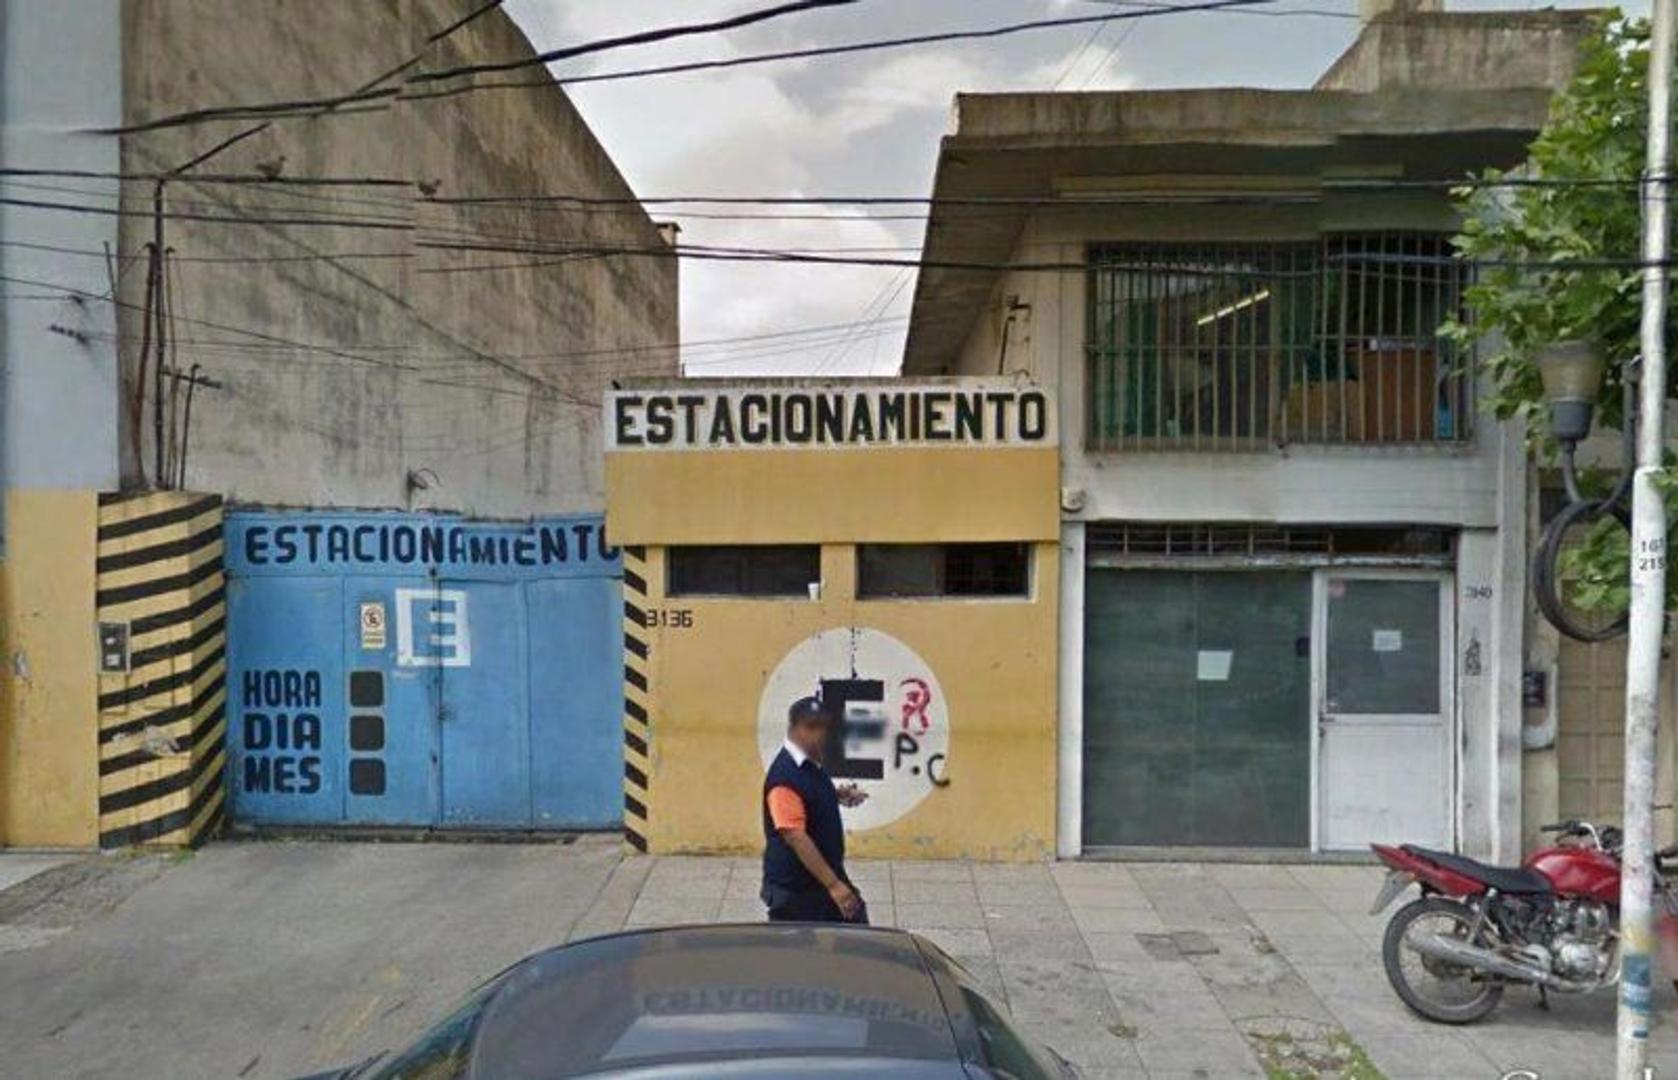 EXCELENTE LOTE COMPUESTO DE LOCAL + ESTACIONAMIENTO.SAN JUSTO CENTRO